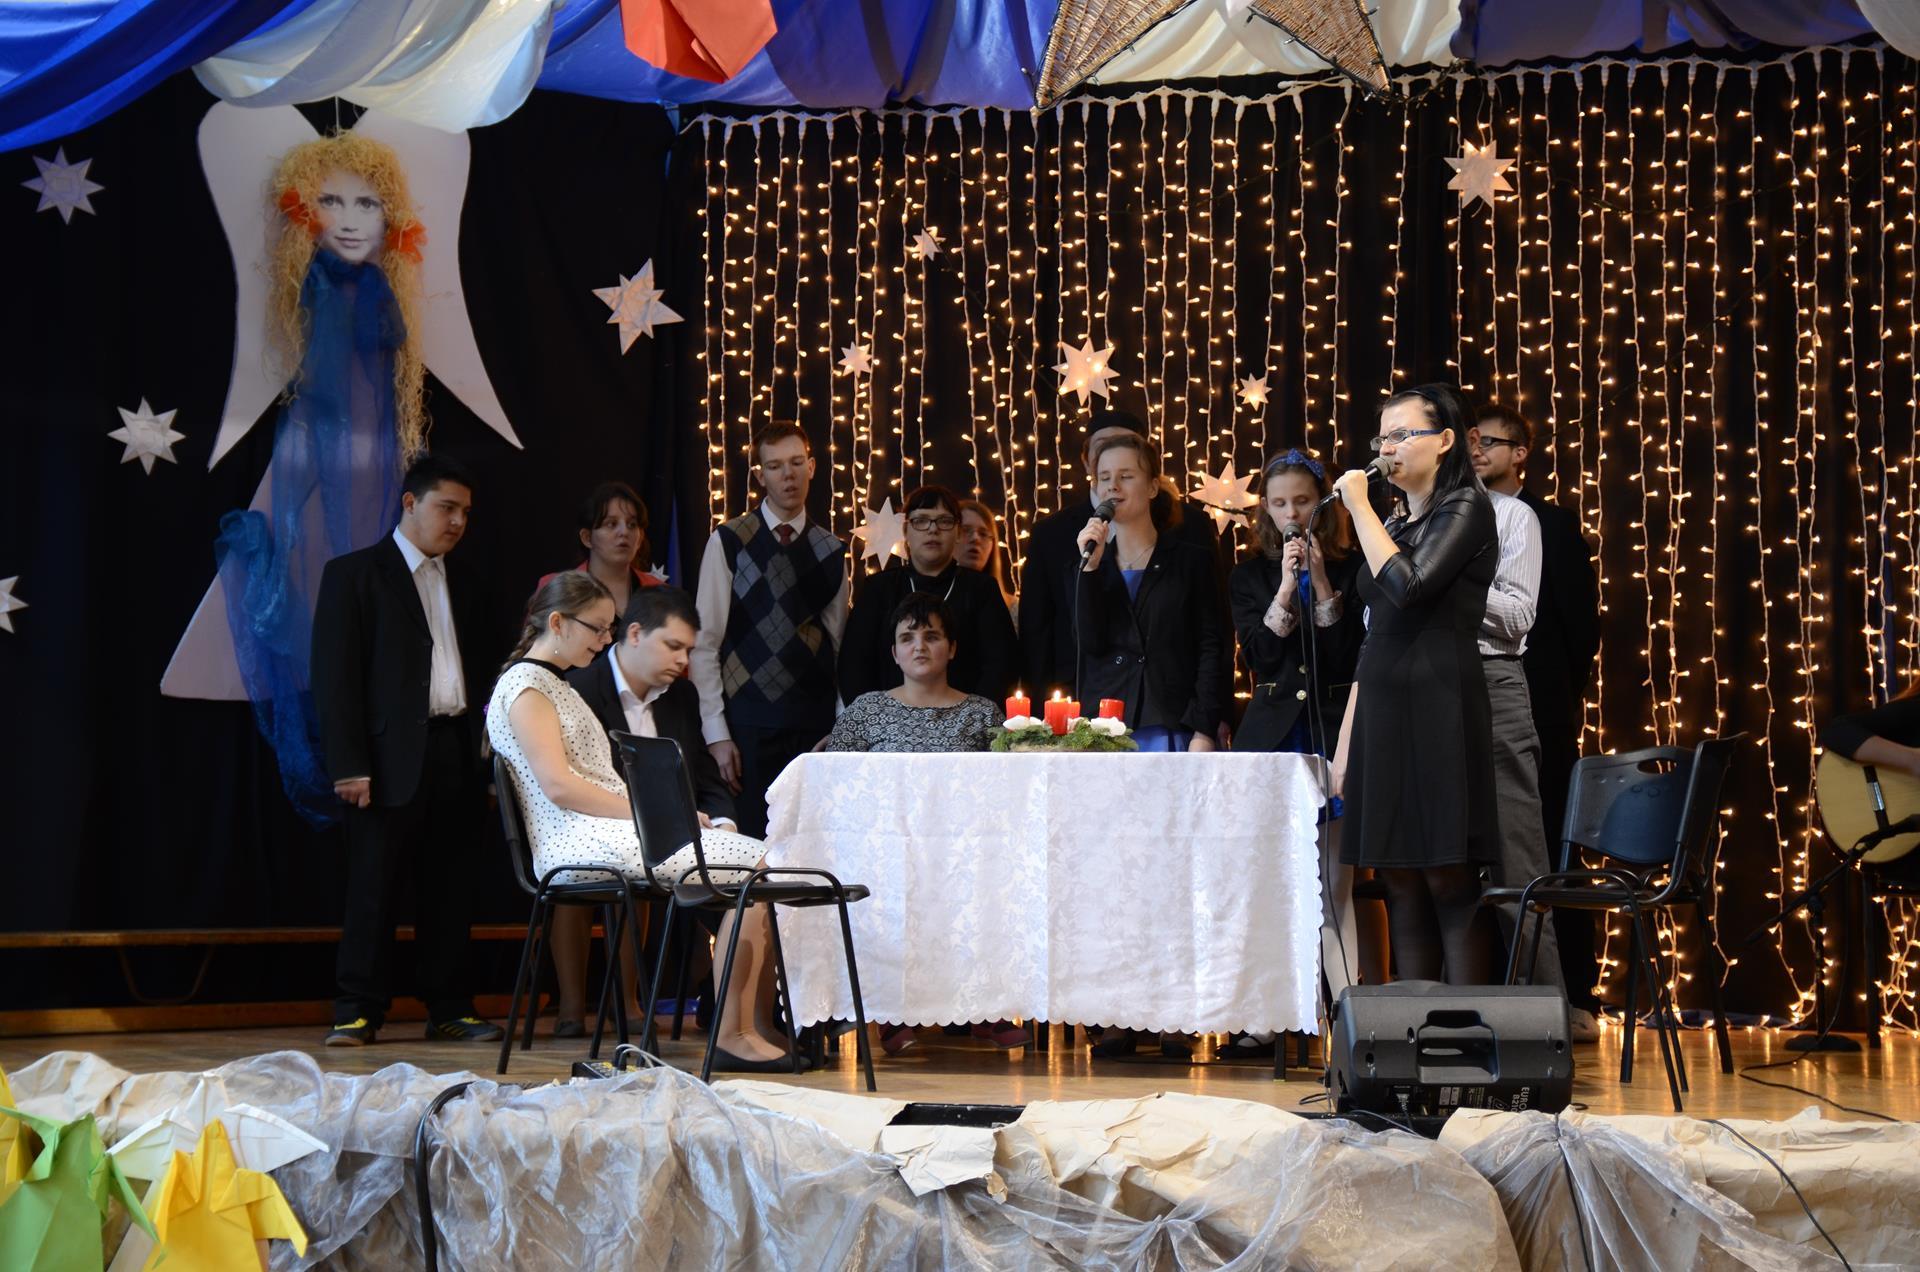 Na scenie znajduje się kilkanaście osób. Część z nich stoi, a część siedzi przy stole, na którym jest biały obróz oraz świąteczny stroik, w dłoniach trzymają mikrofony. Scena jest przystrojona światełkami, białymi gwiazdkami i niebiesko-białym materiałem.